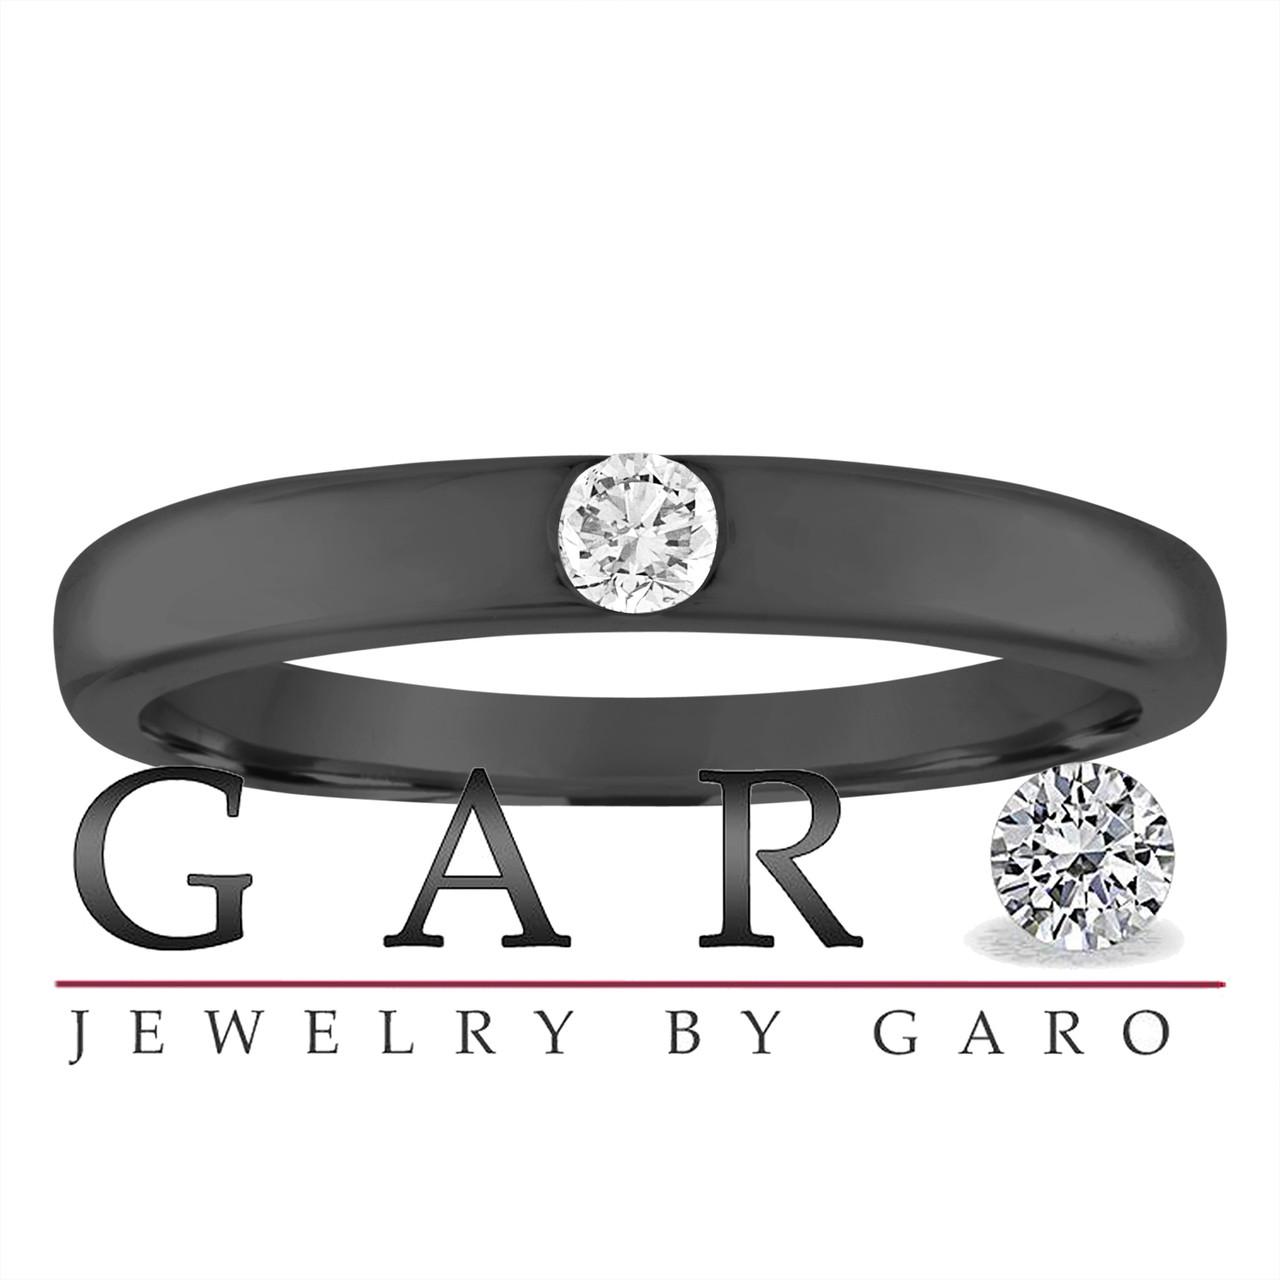 010 Carat Womens Wedding Band Larger More Photos: Gar Diamond Wedding Rings Women At Websimilar.org